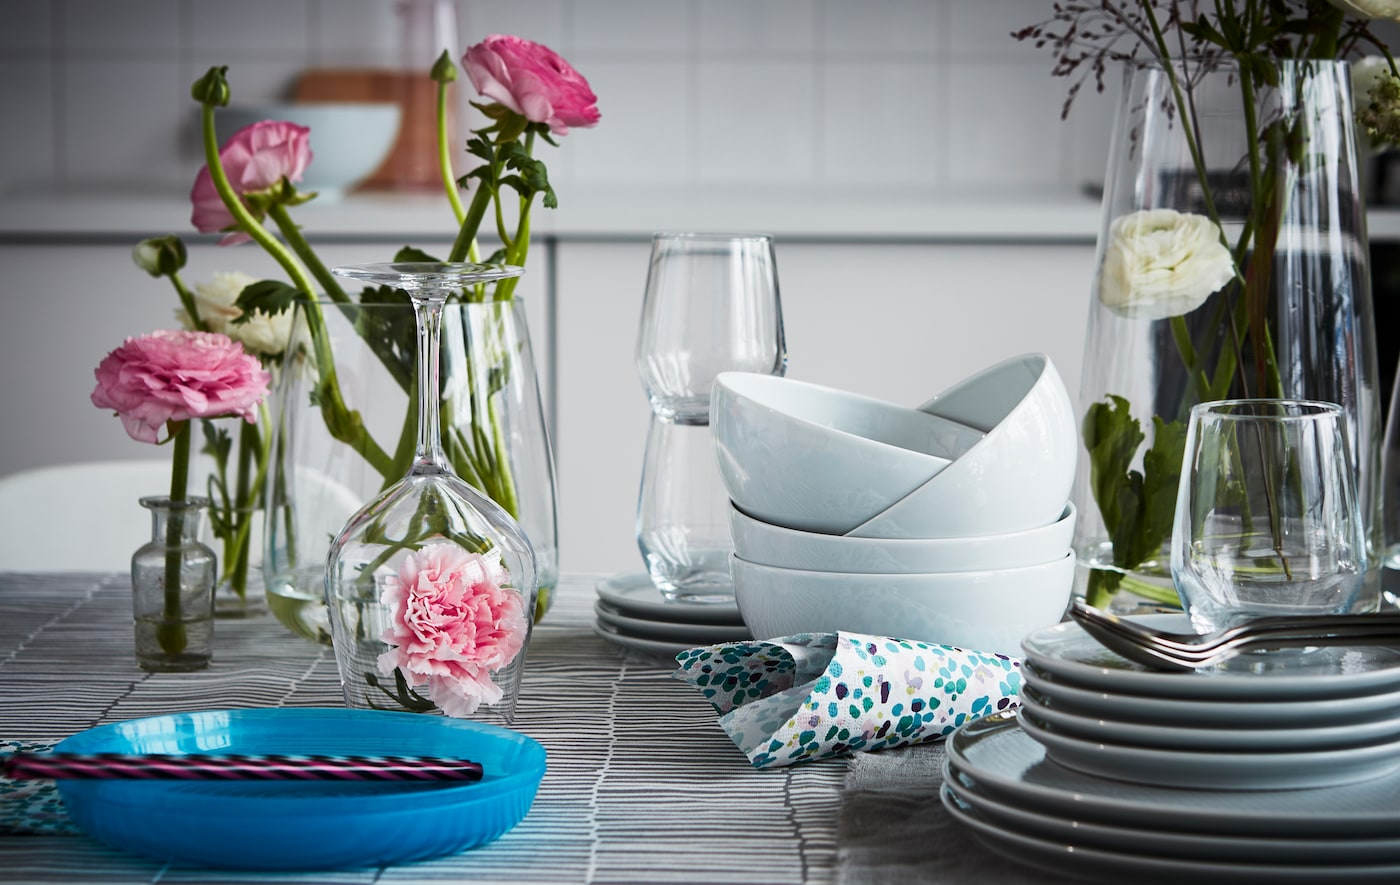 Una taula actual i florida amb una barreja moderna de vaixella, coberts i copes boniques.